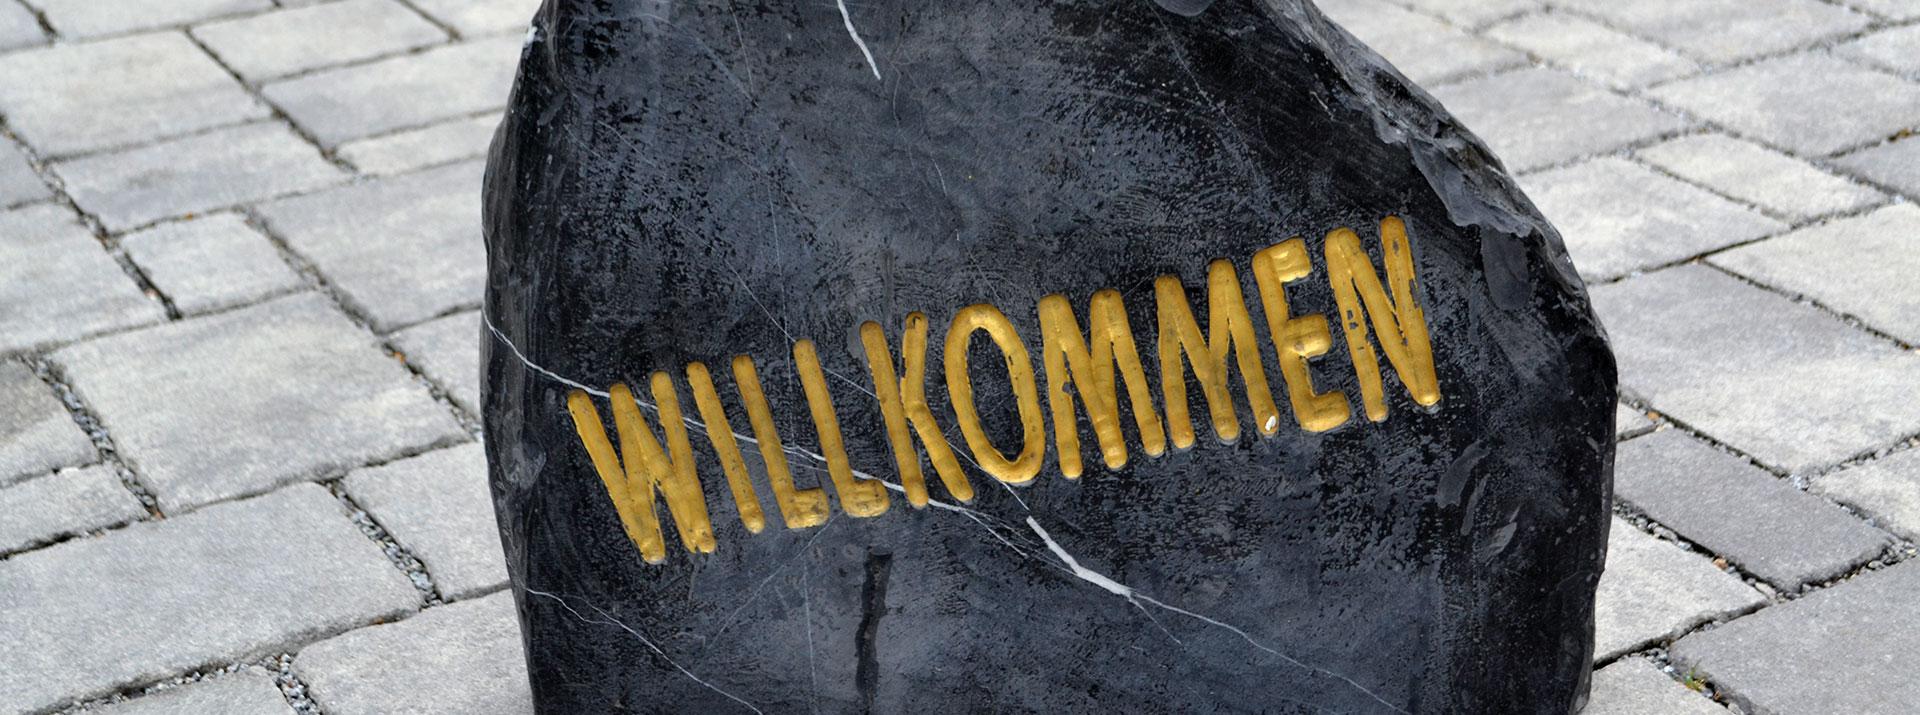 Wittenzellner KG in Patersdorf